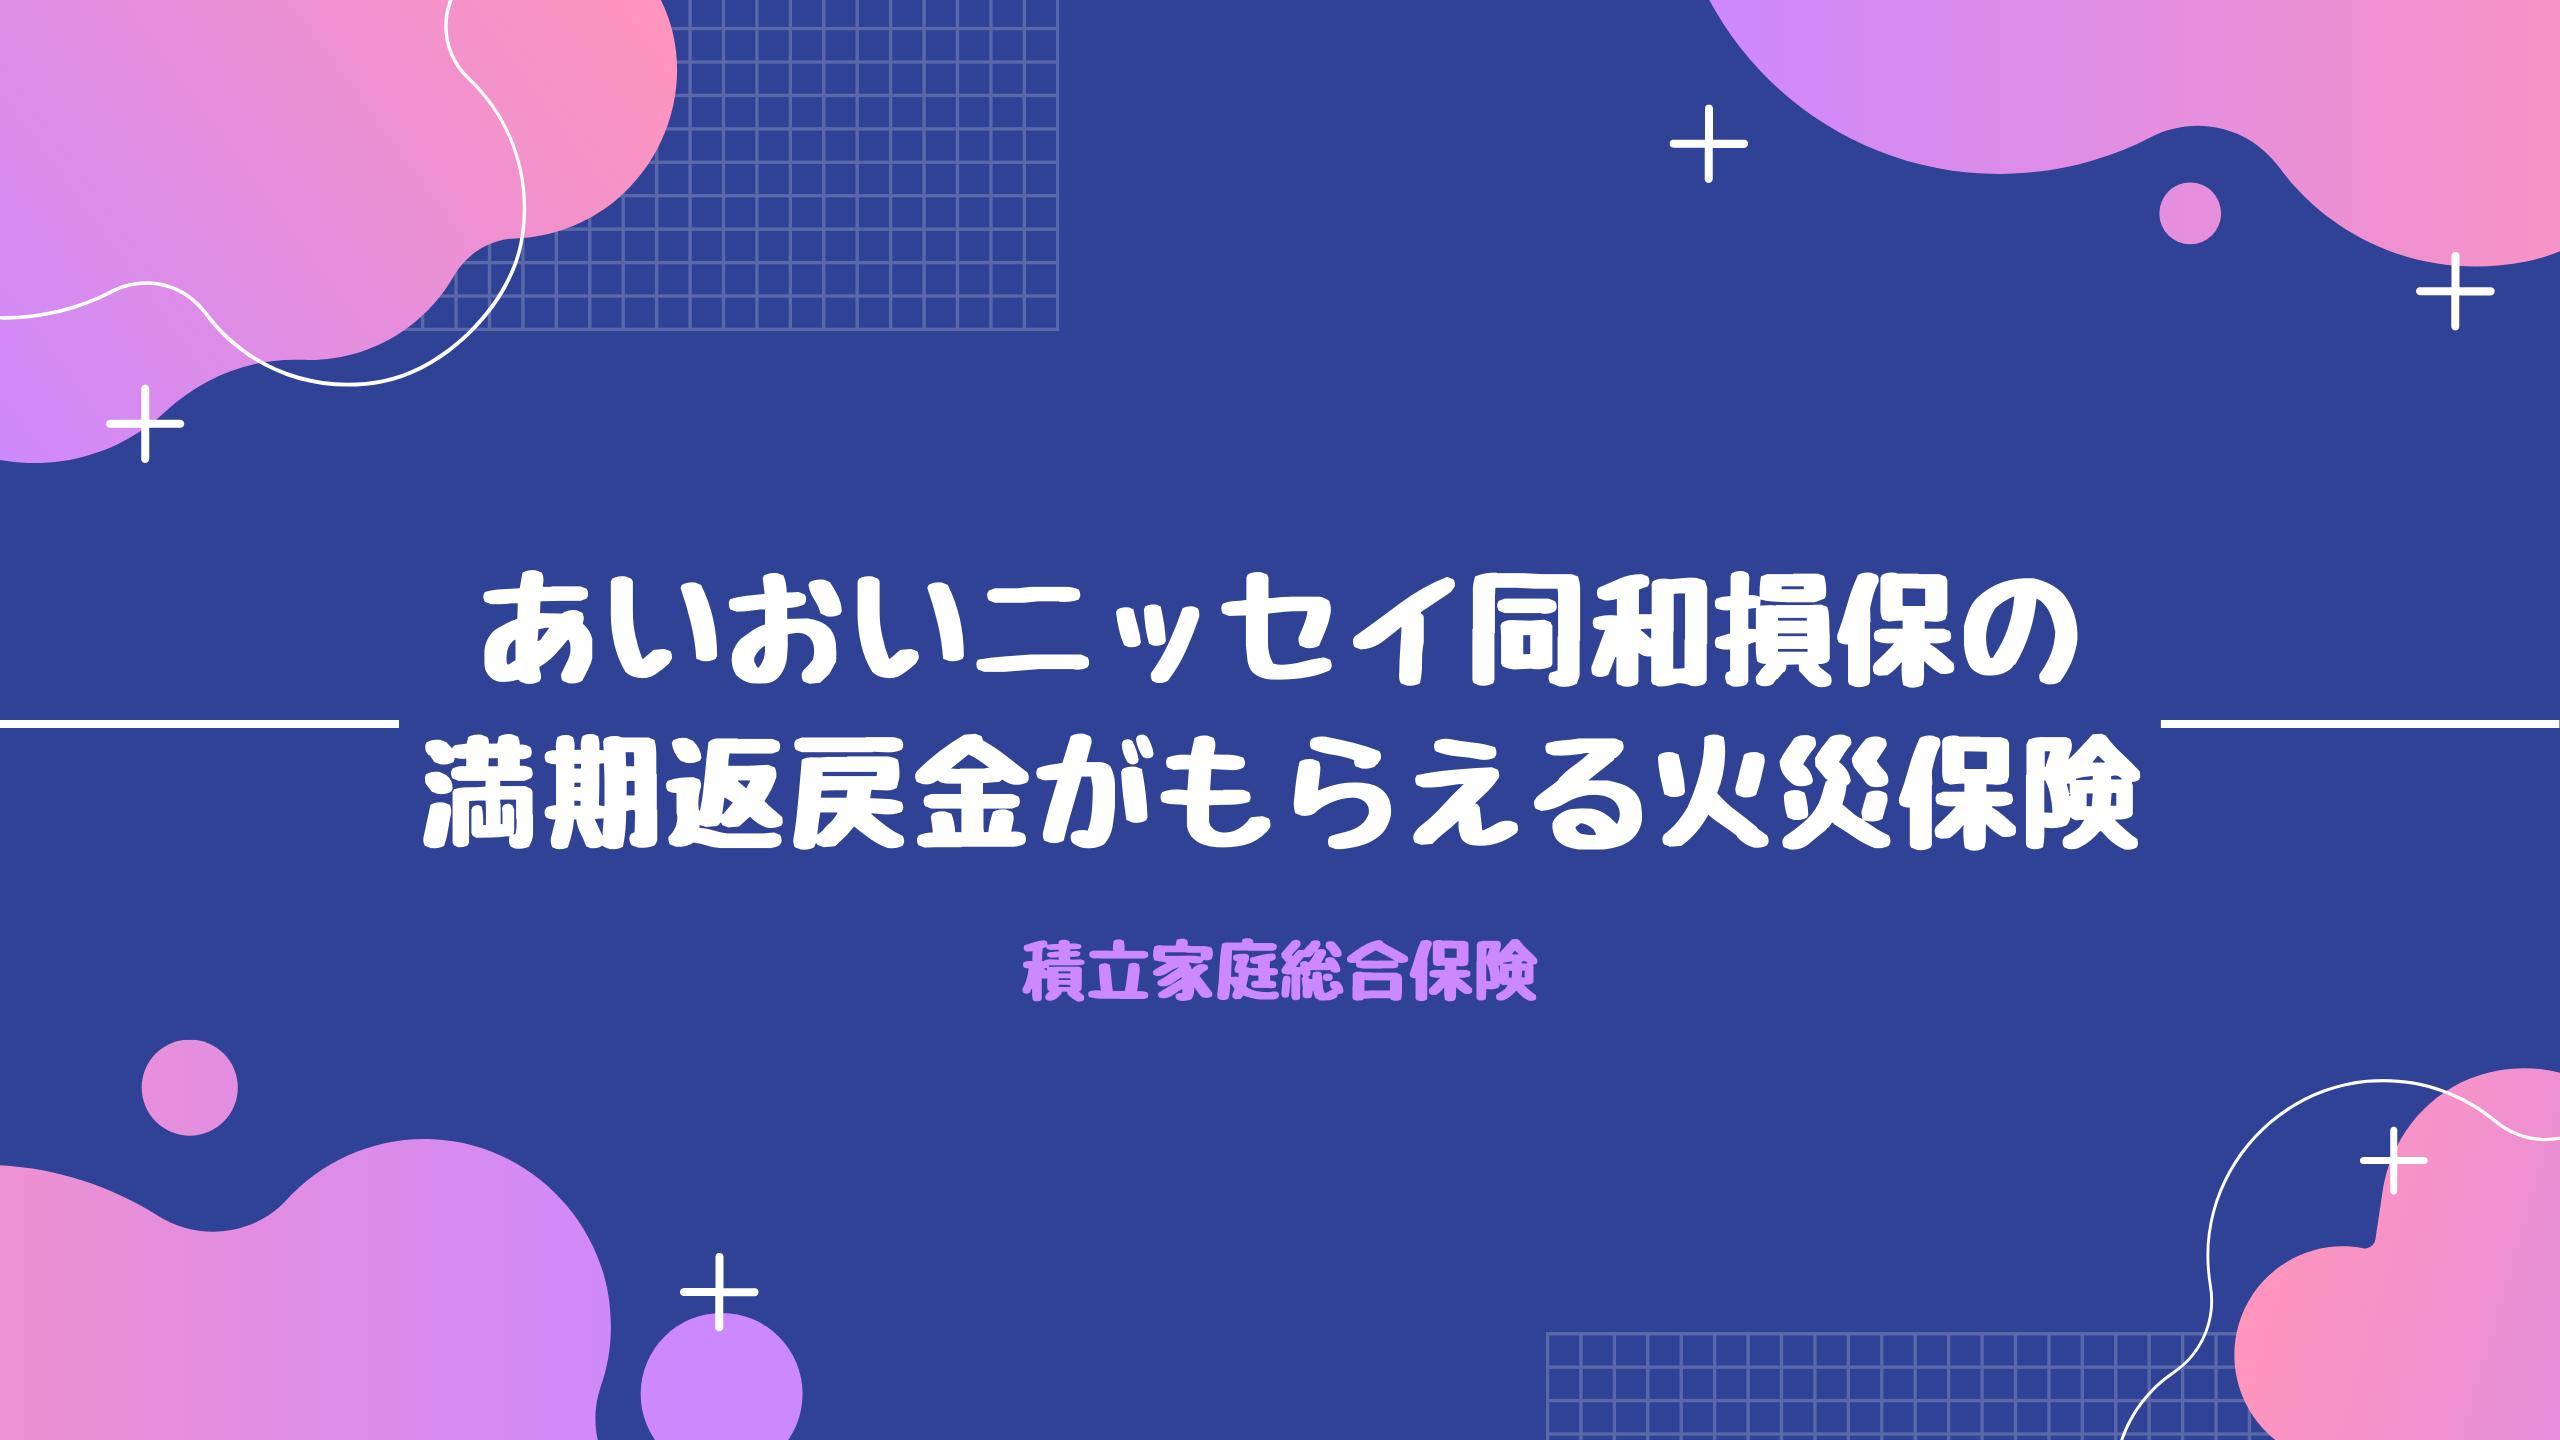 保険 あいおい ニッセイ 火災